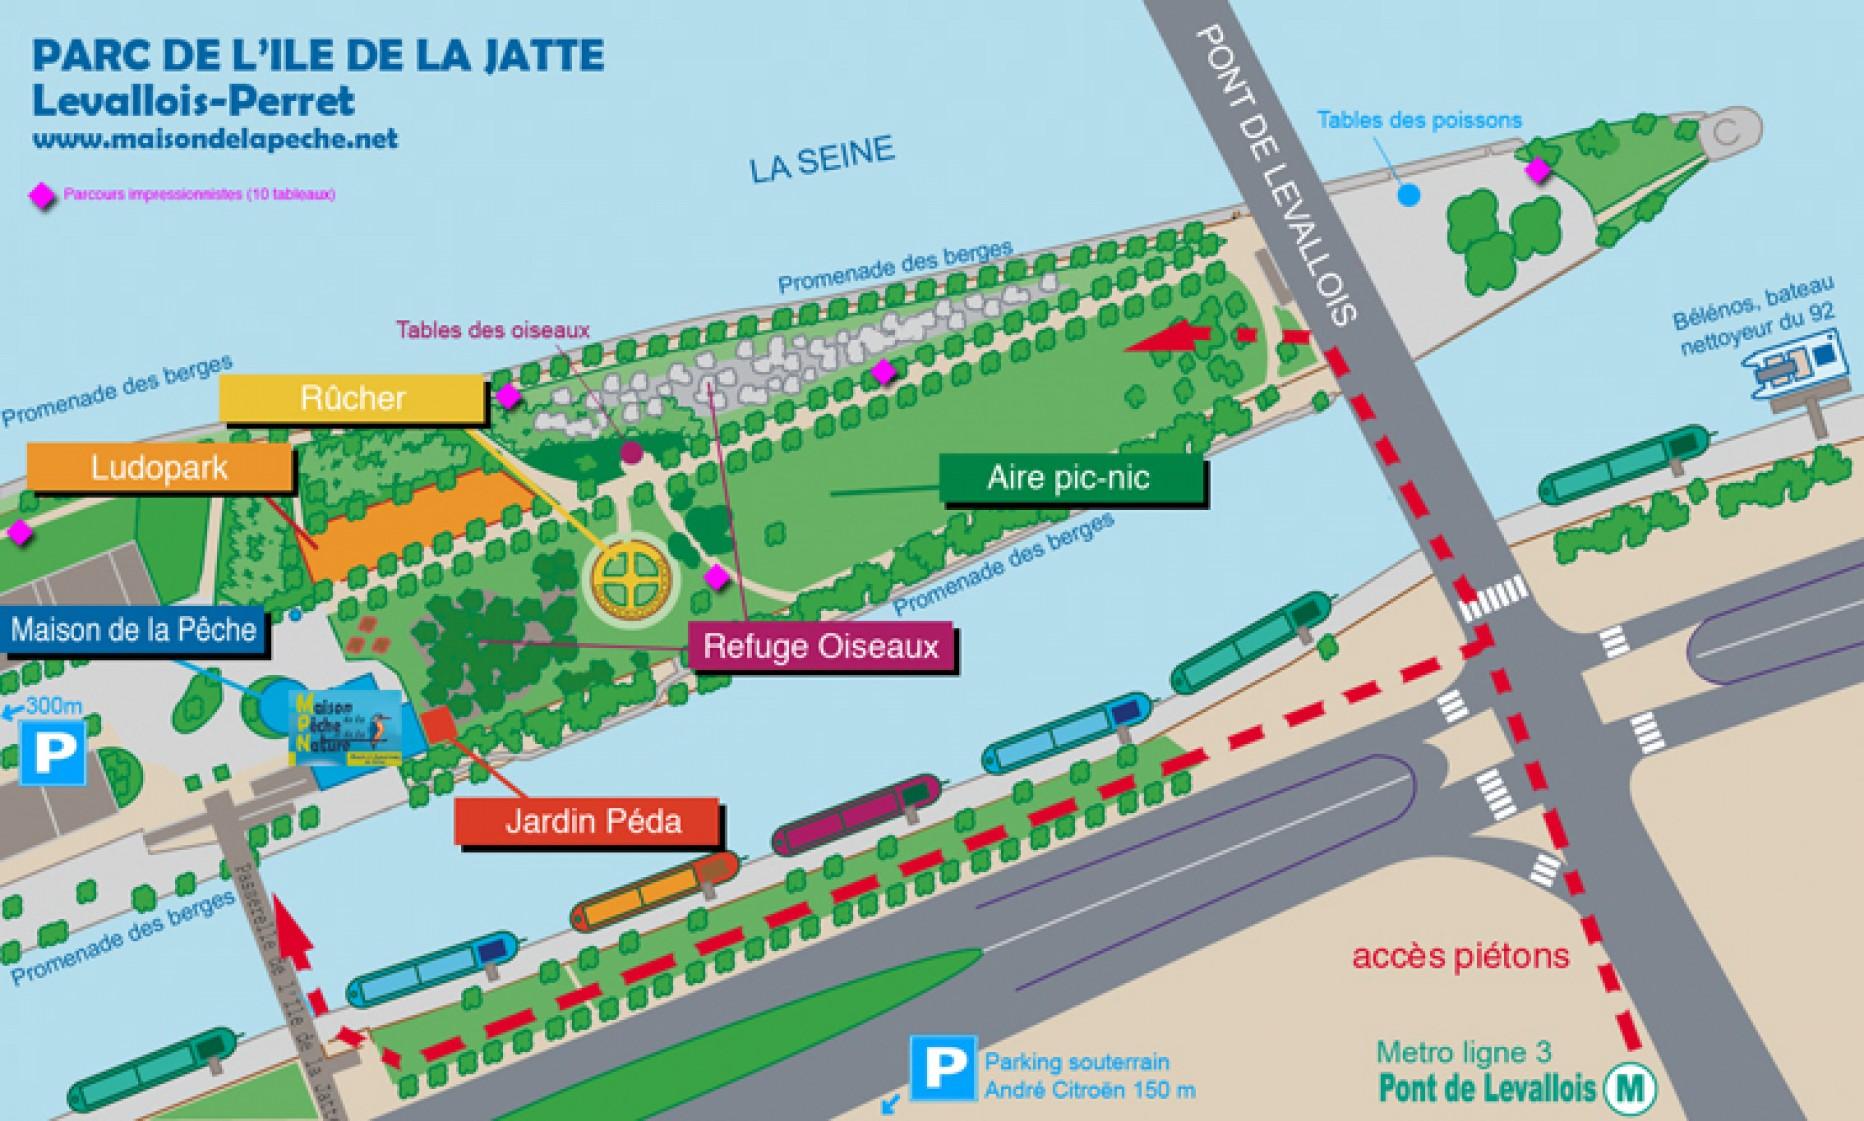 Parc de L'Ile de la Jatte